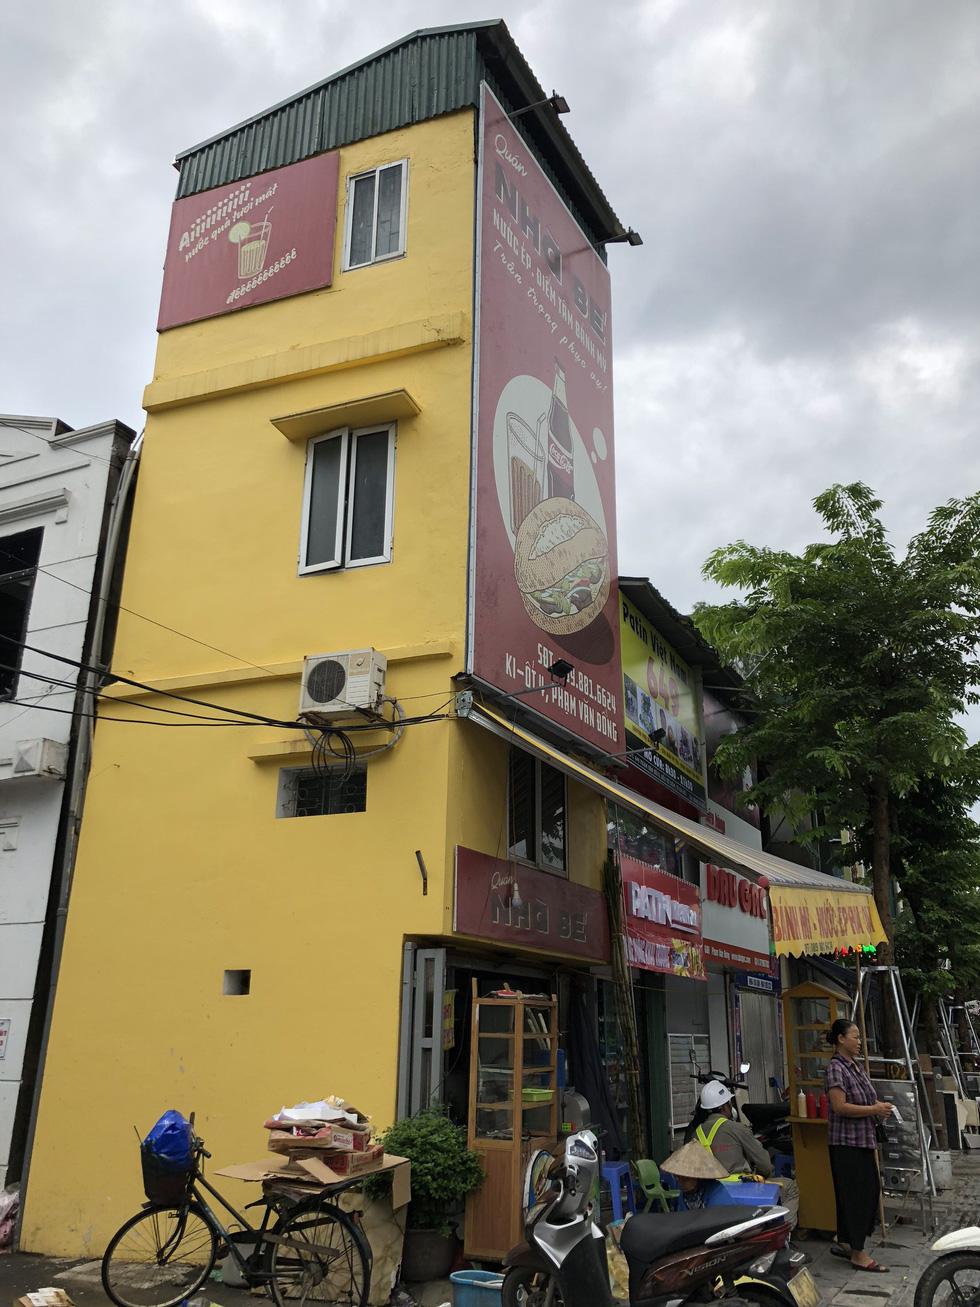 Những ngôi nhà kì dị chỉ có ở phố Phạm Văn Đồng - Ảnh 7.